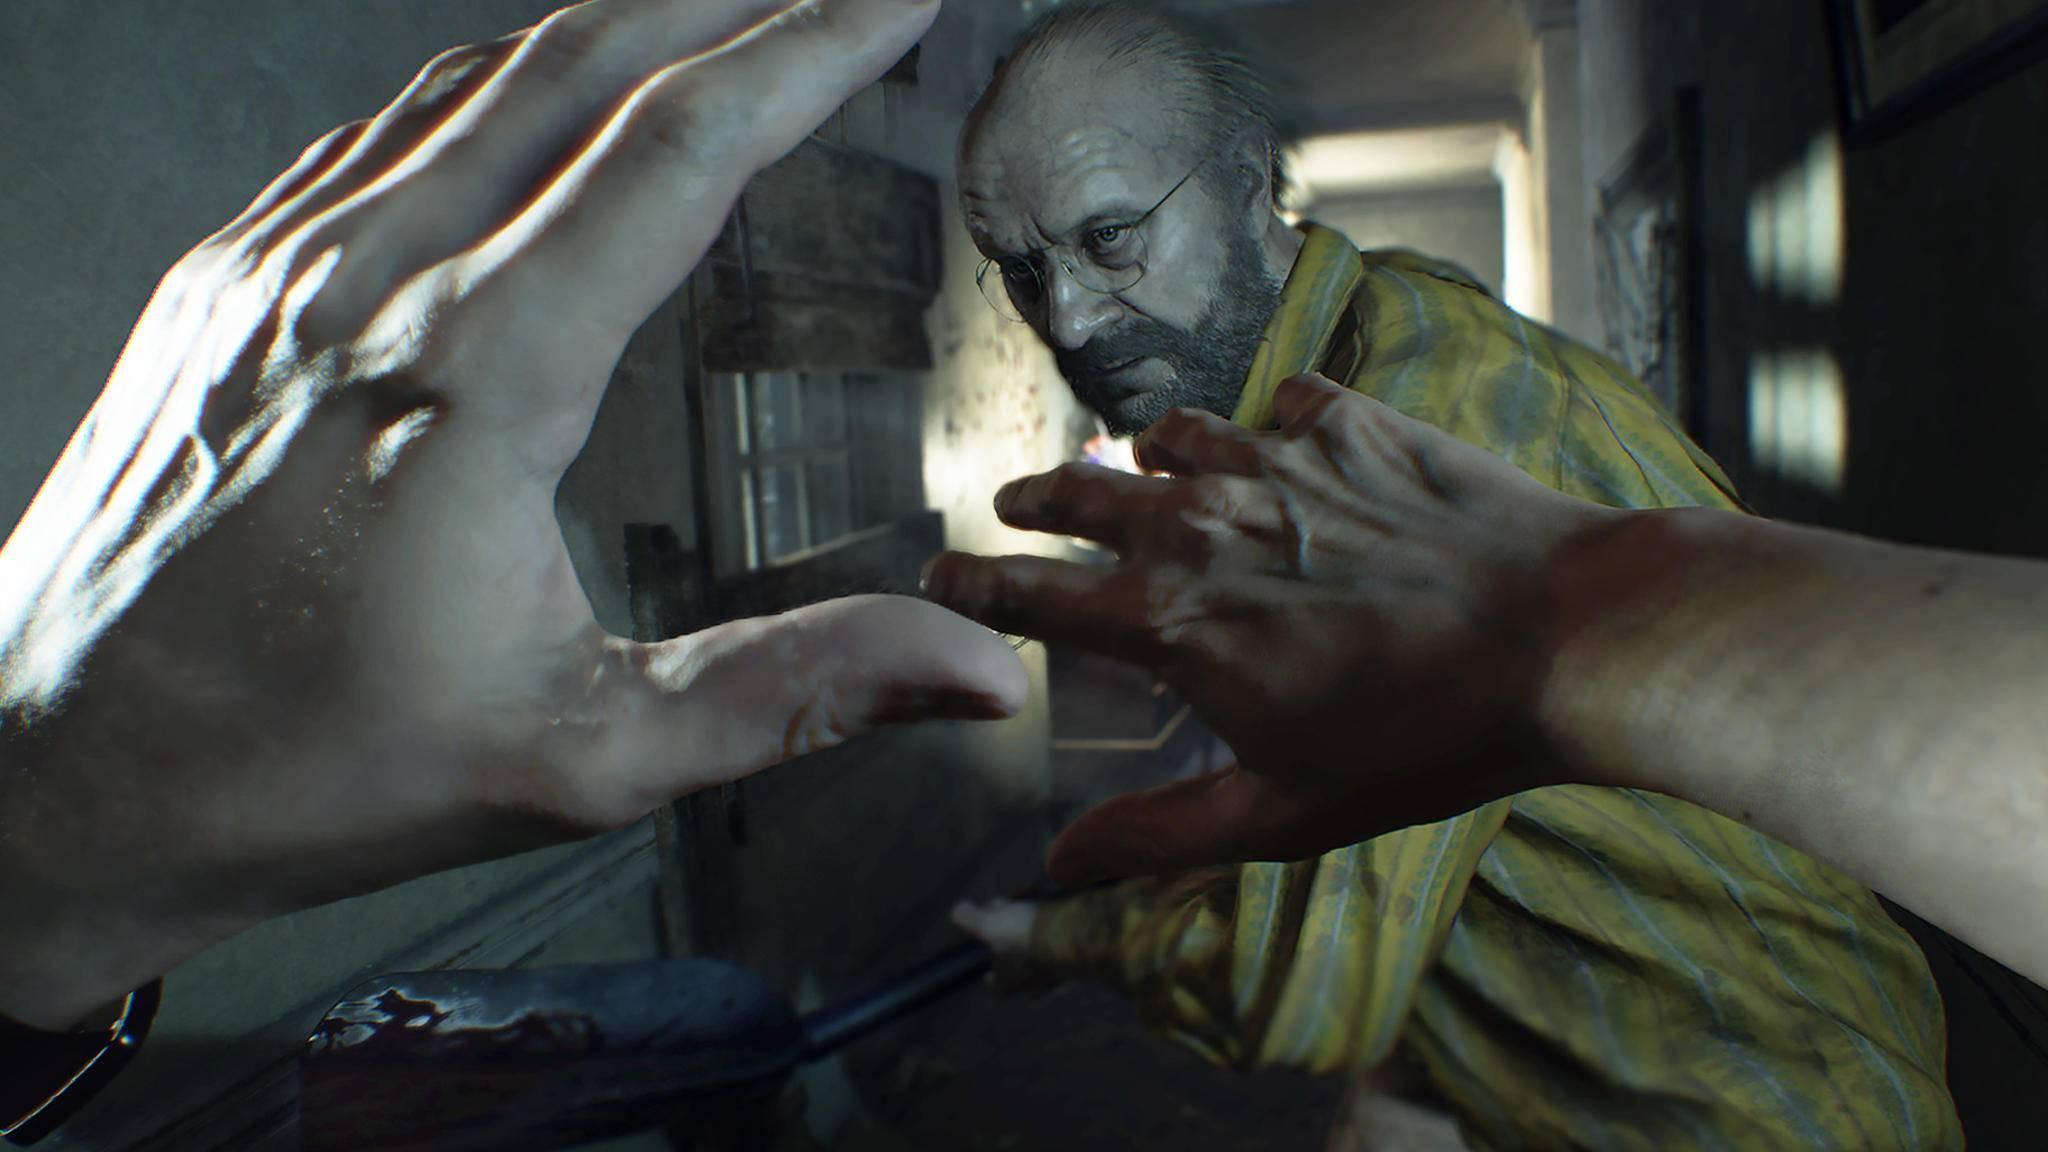 """Nach """"Resident Evil 7"""" noch immer nicht genug von Horror-Spielen? Dann schau mal in unsere Topliste!"""